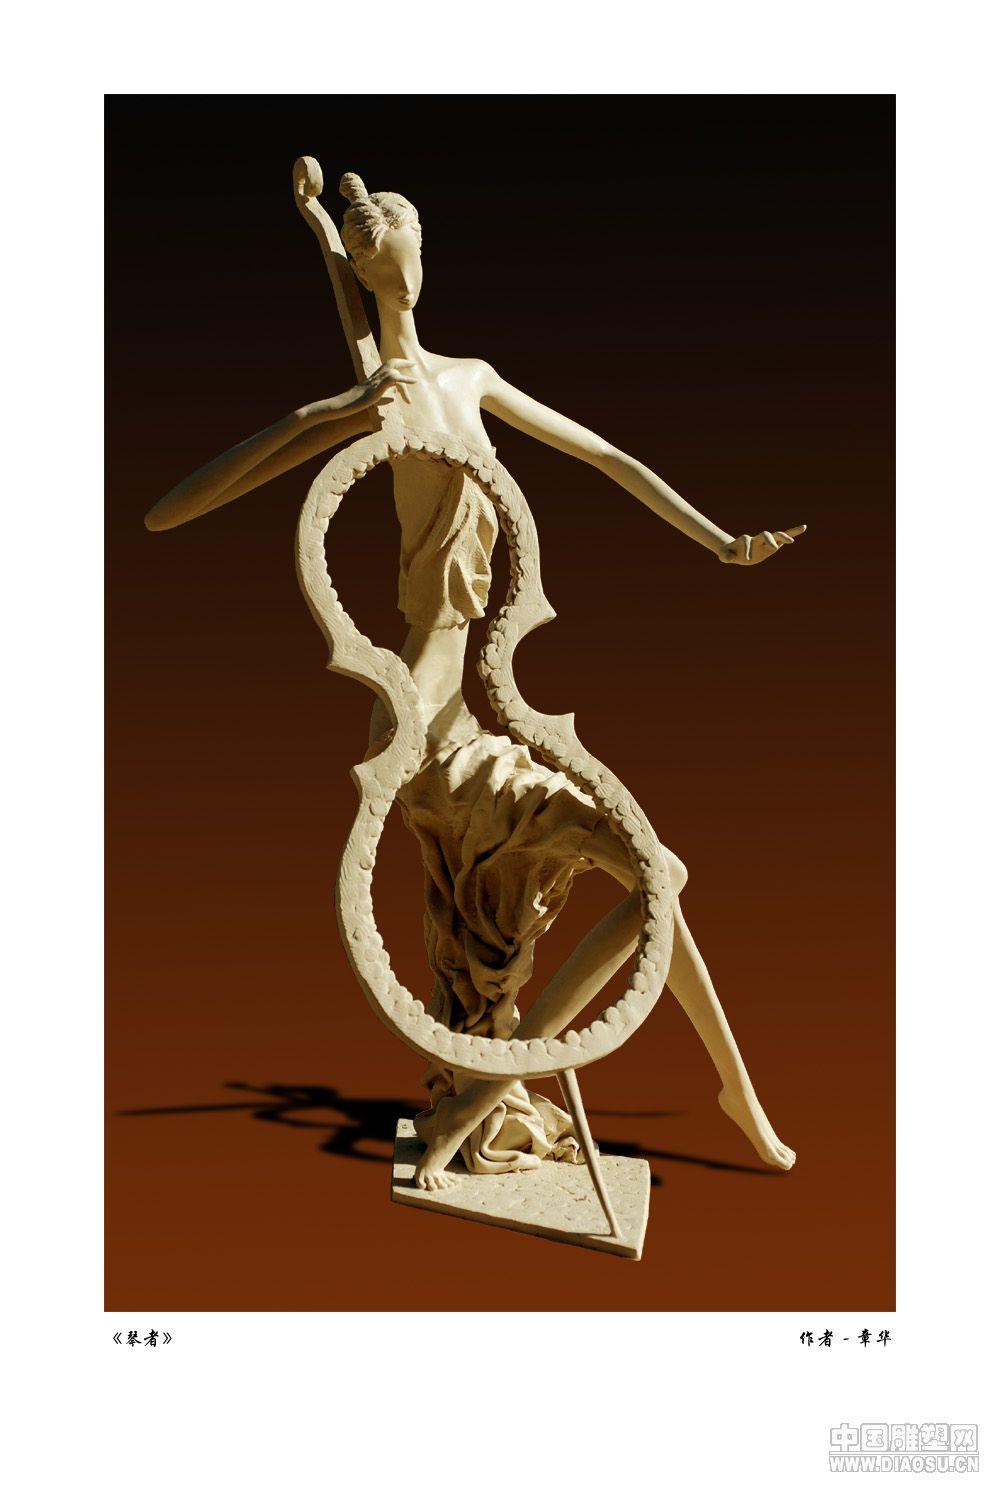 泥雕塑    5 - h_x_y_123456 - 何晓昱的文化艺术博客